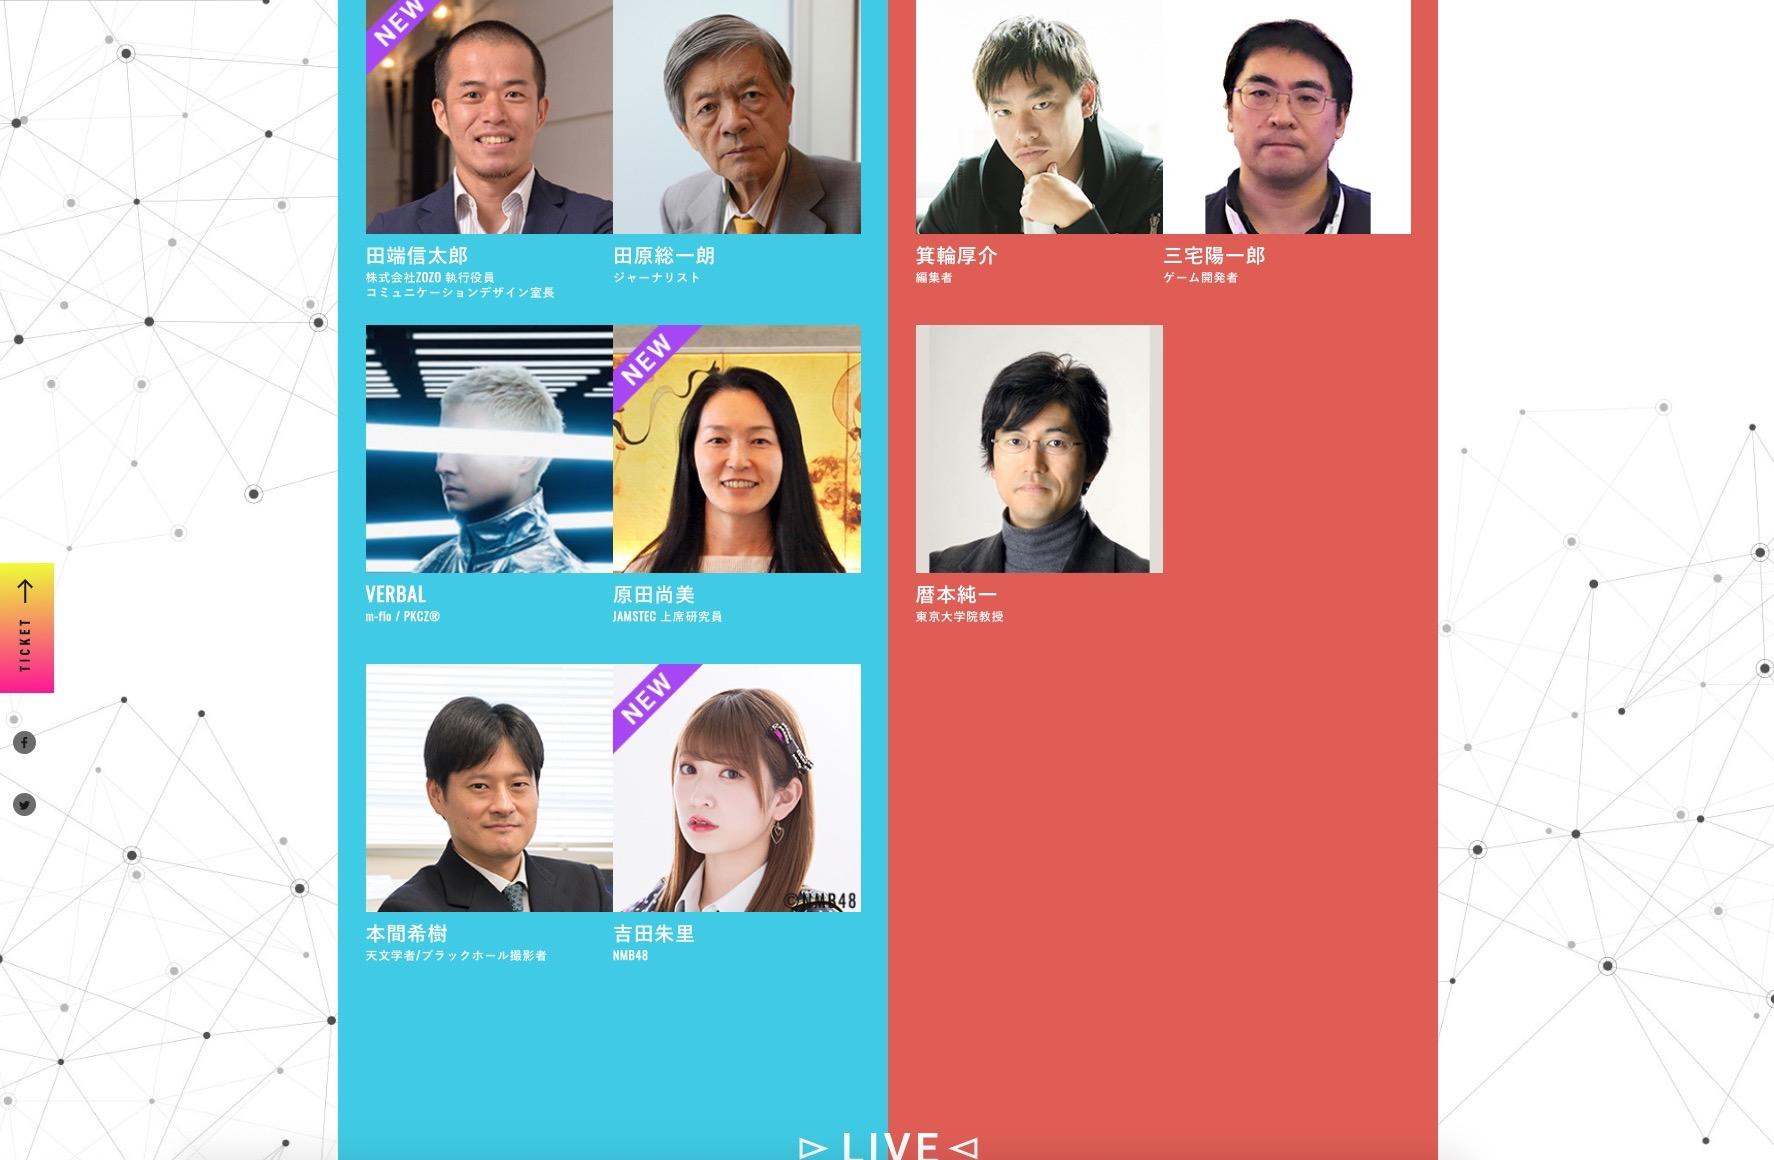 【吉田朱里】9/28六本木ヒルズ「J-WAVE INNOVATION WORLD FESTA 2019」にアカリンが出演。